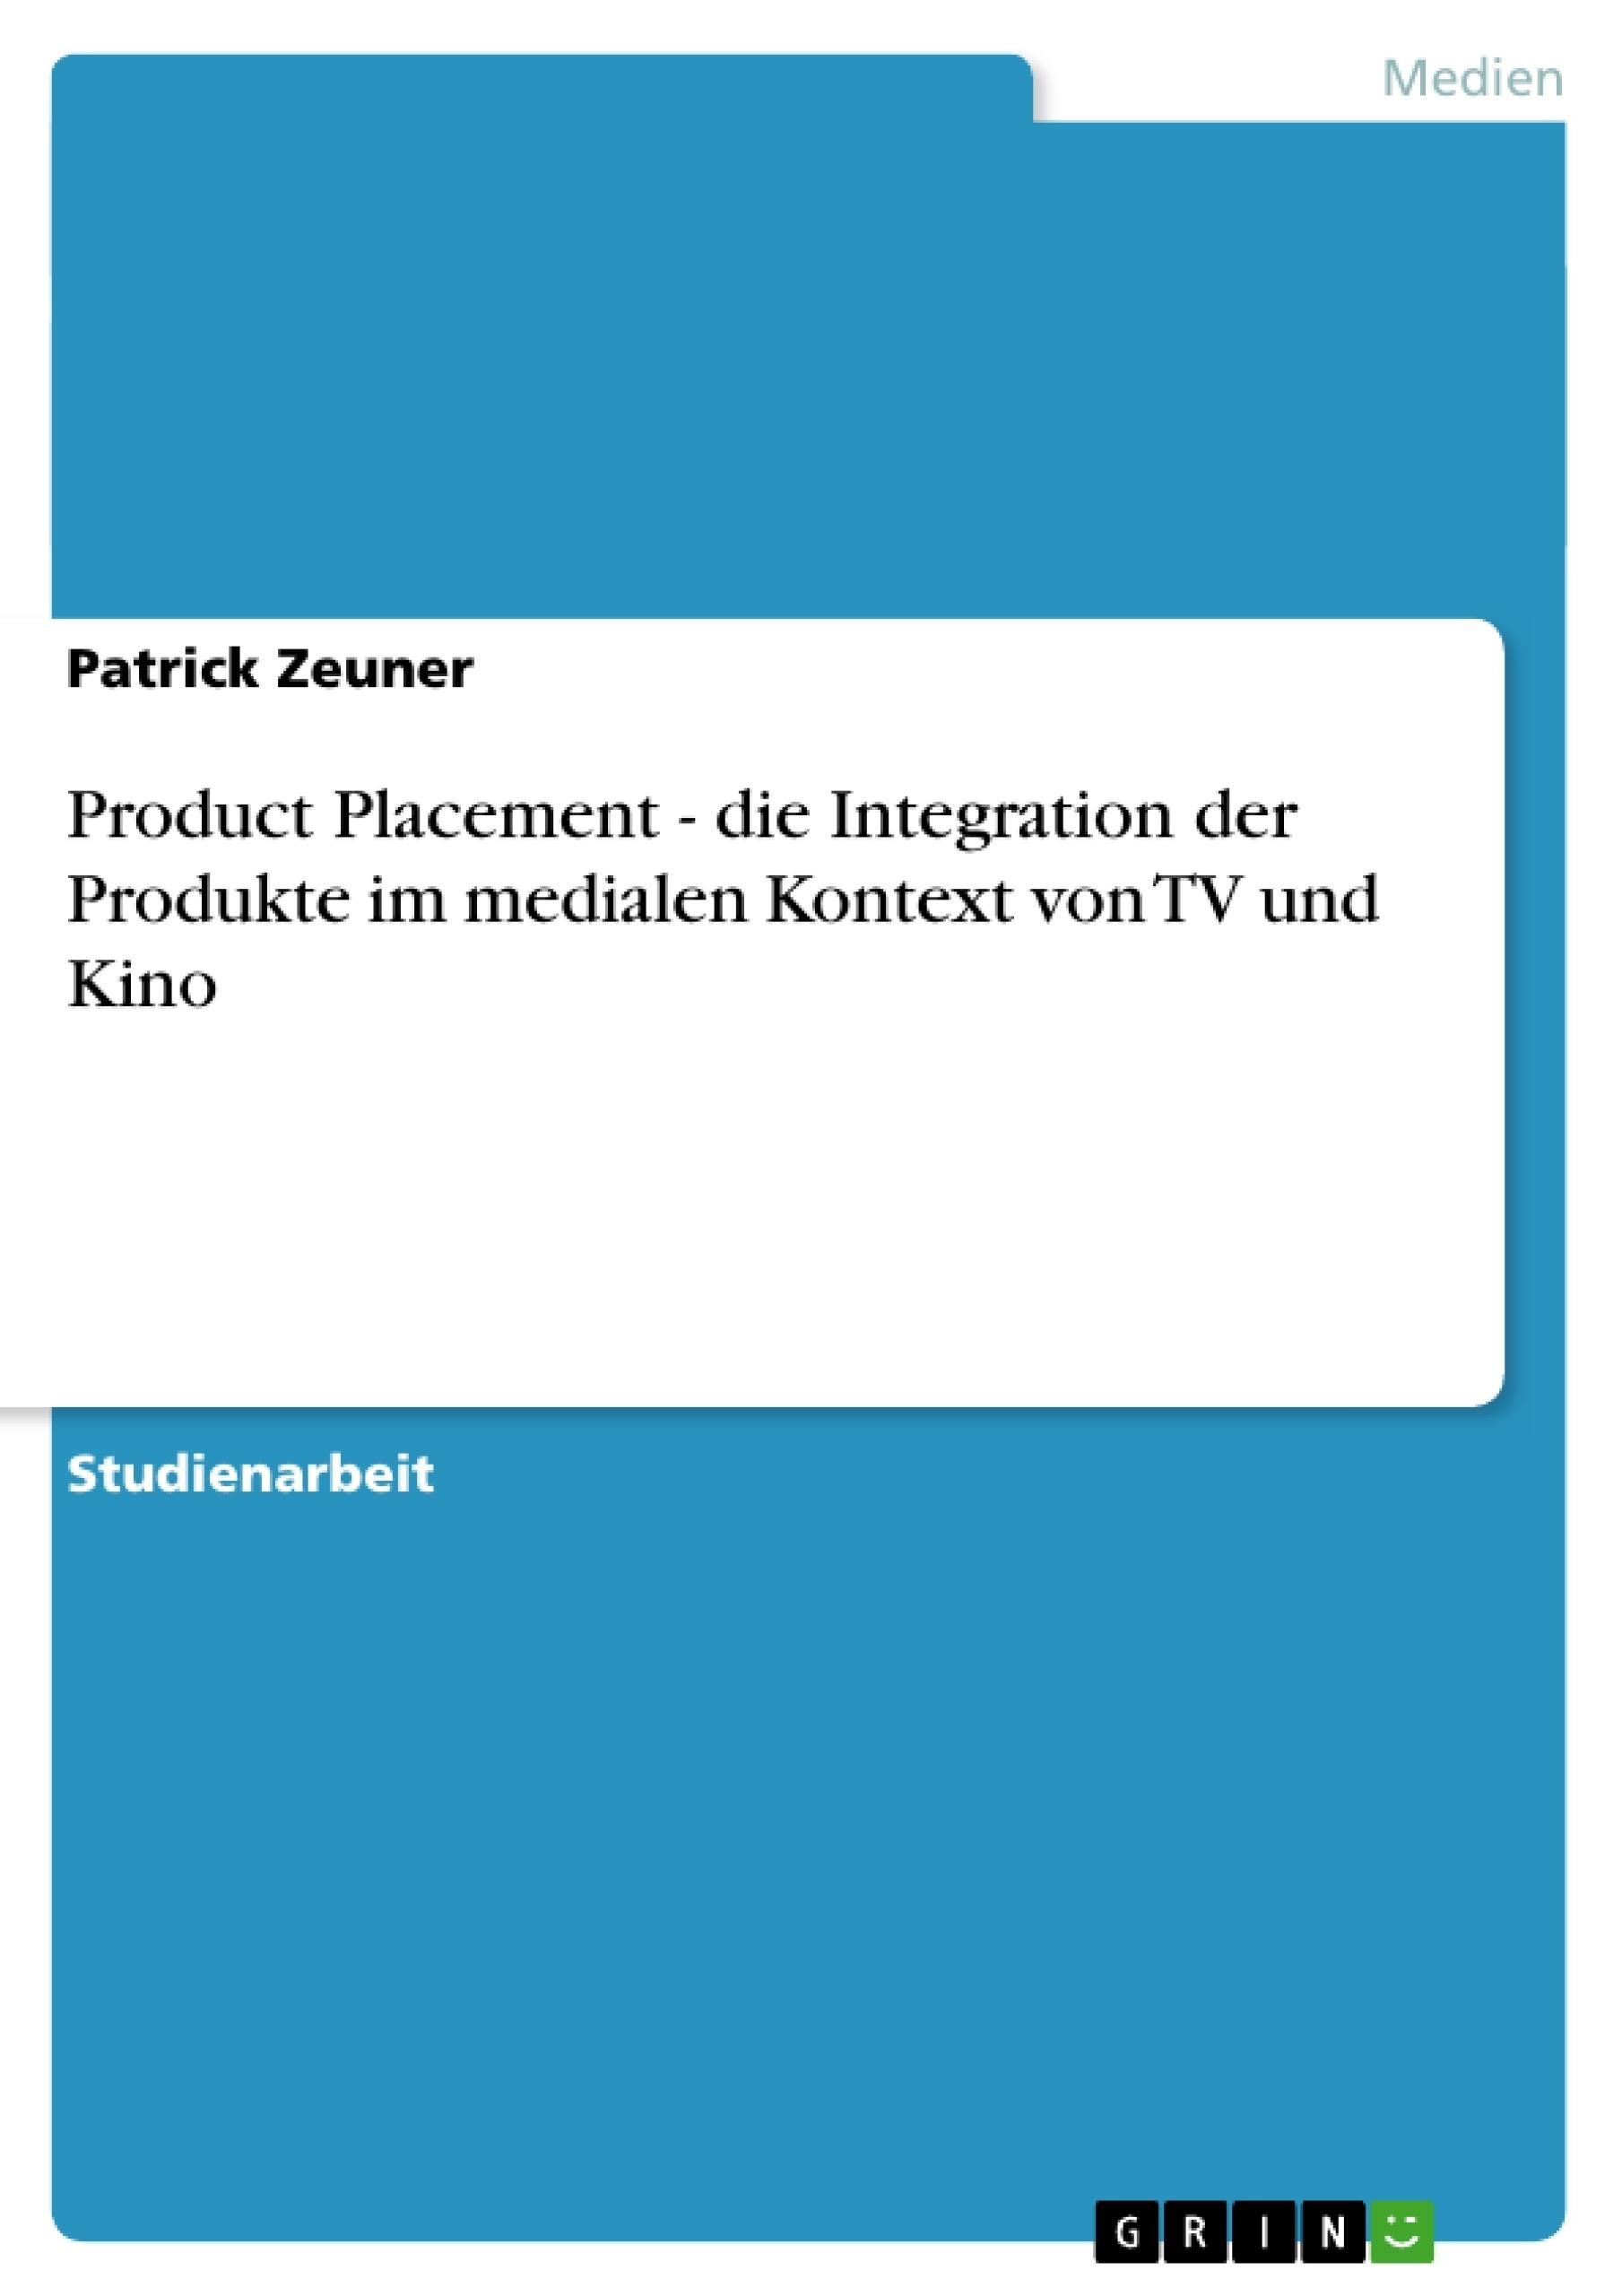 Titel: Product Placement - die Integration der Produkte im medialen Kontext von TV und Kino